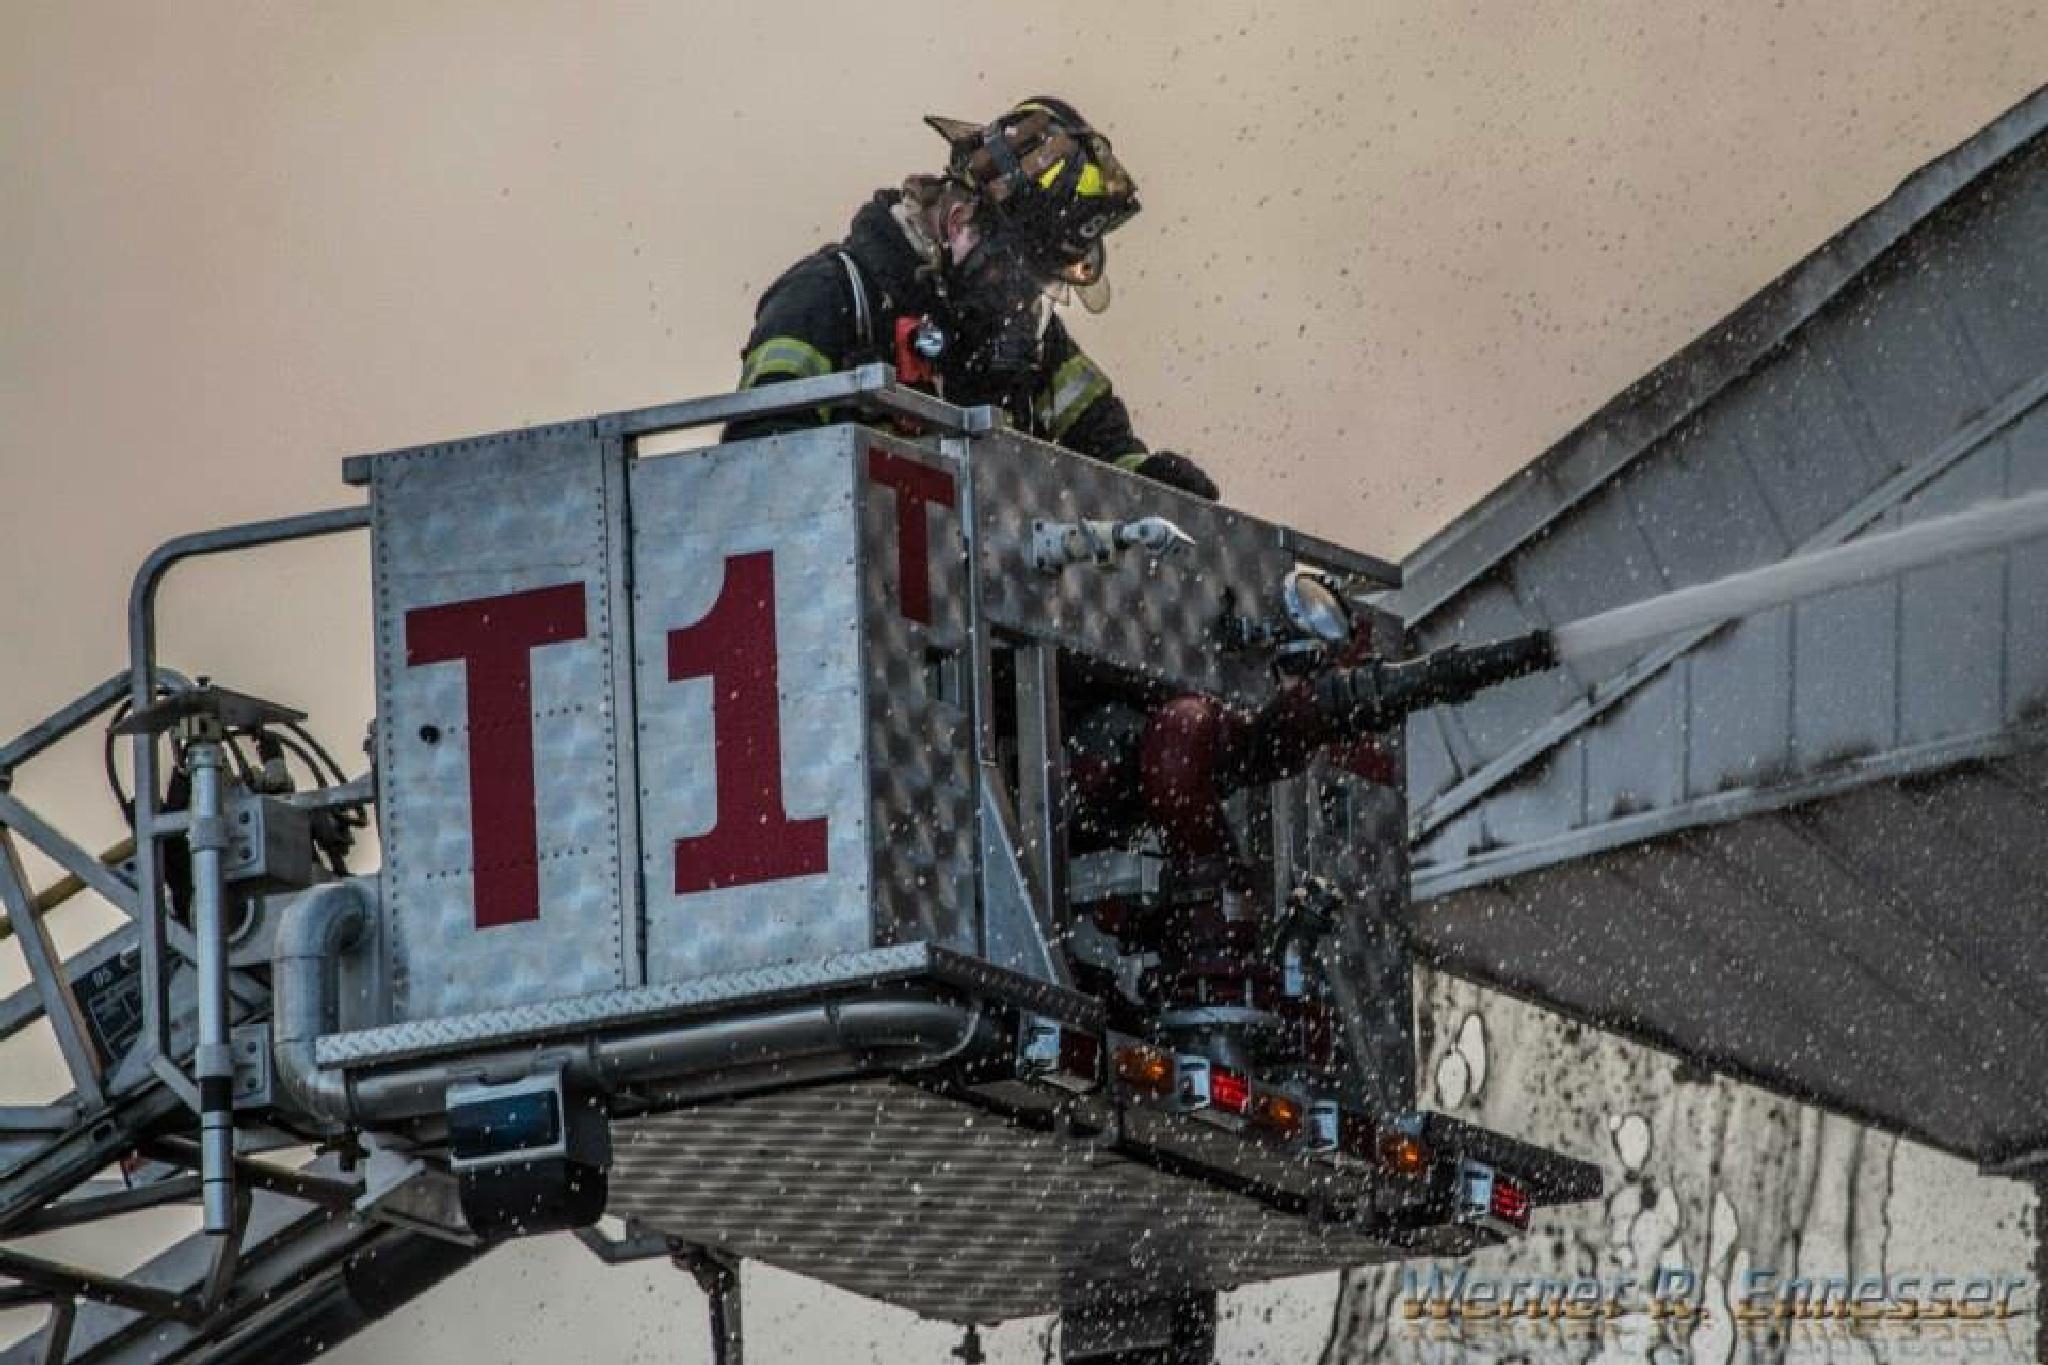 Hackensack, NJ 3 alarm fire by Werner R. Ennesser